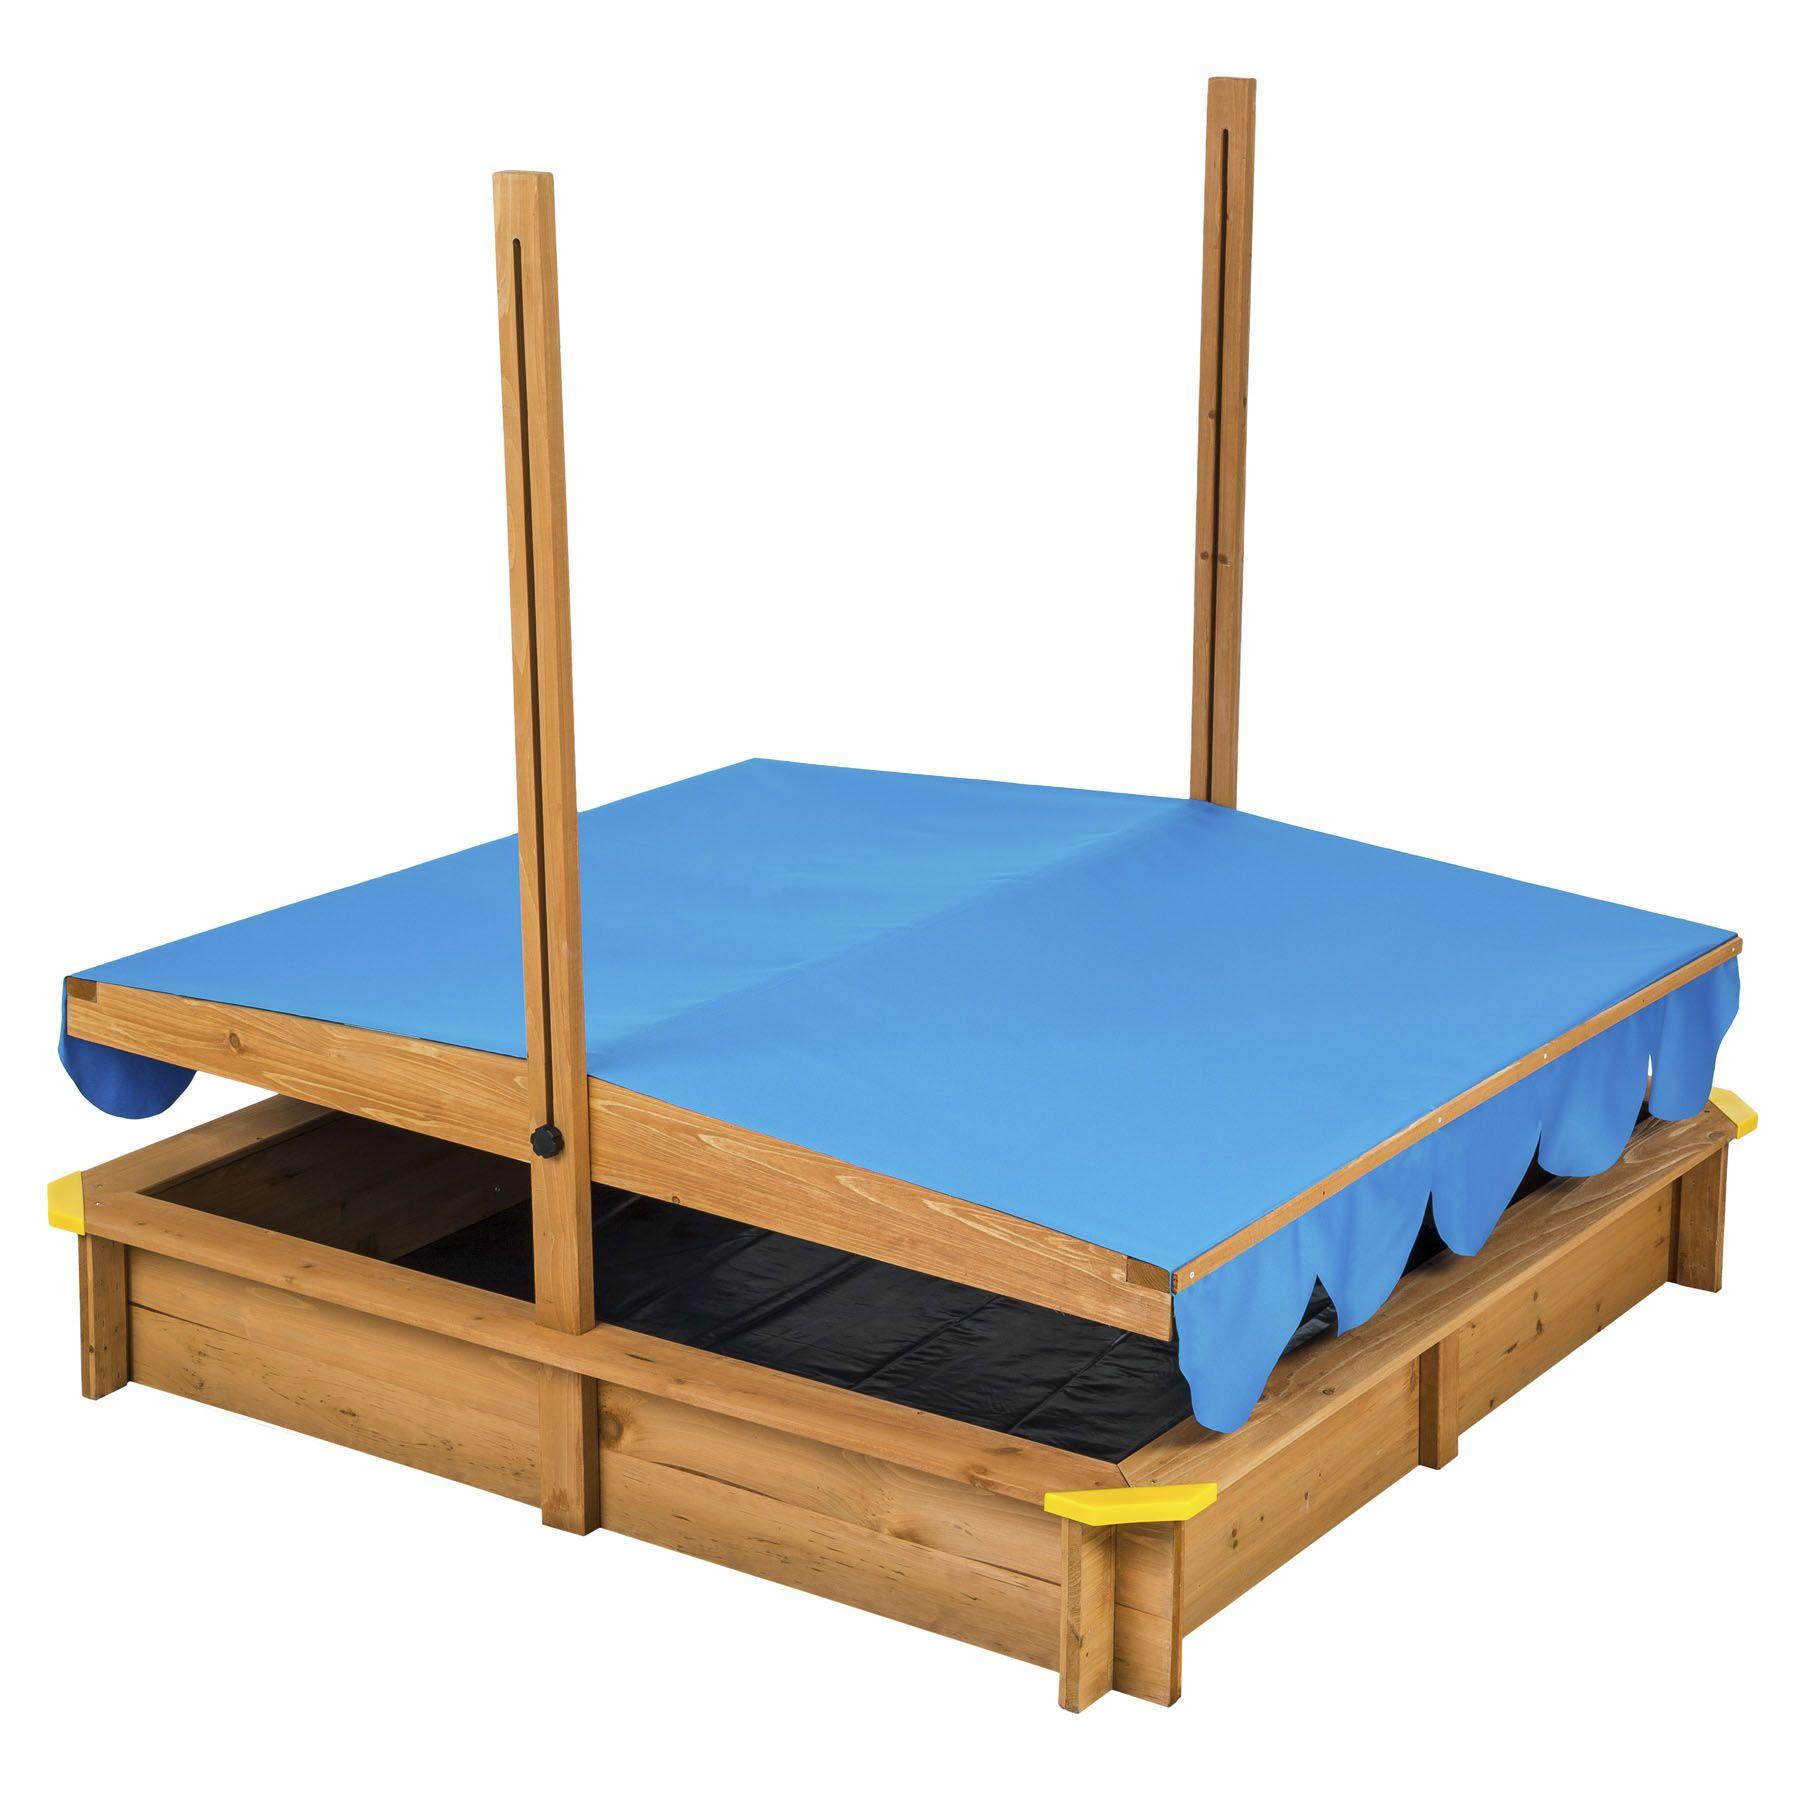 bac sable avec toit r glable jeux de plein bois b che. Black Bedroom Furniture Sets. Home Design Ideas